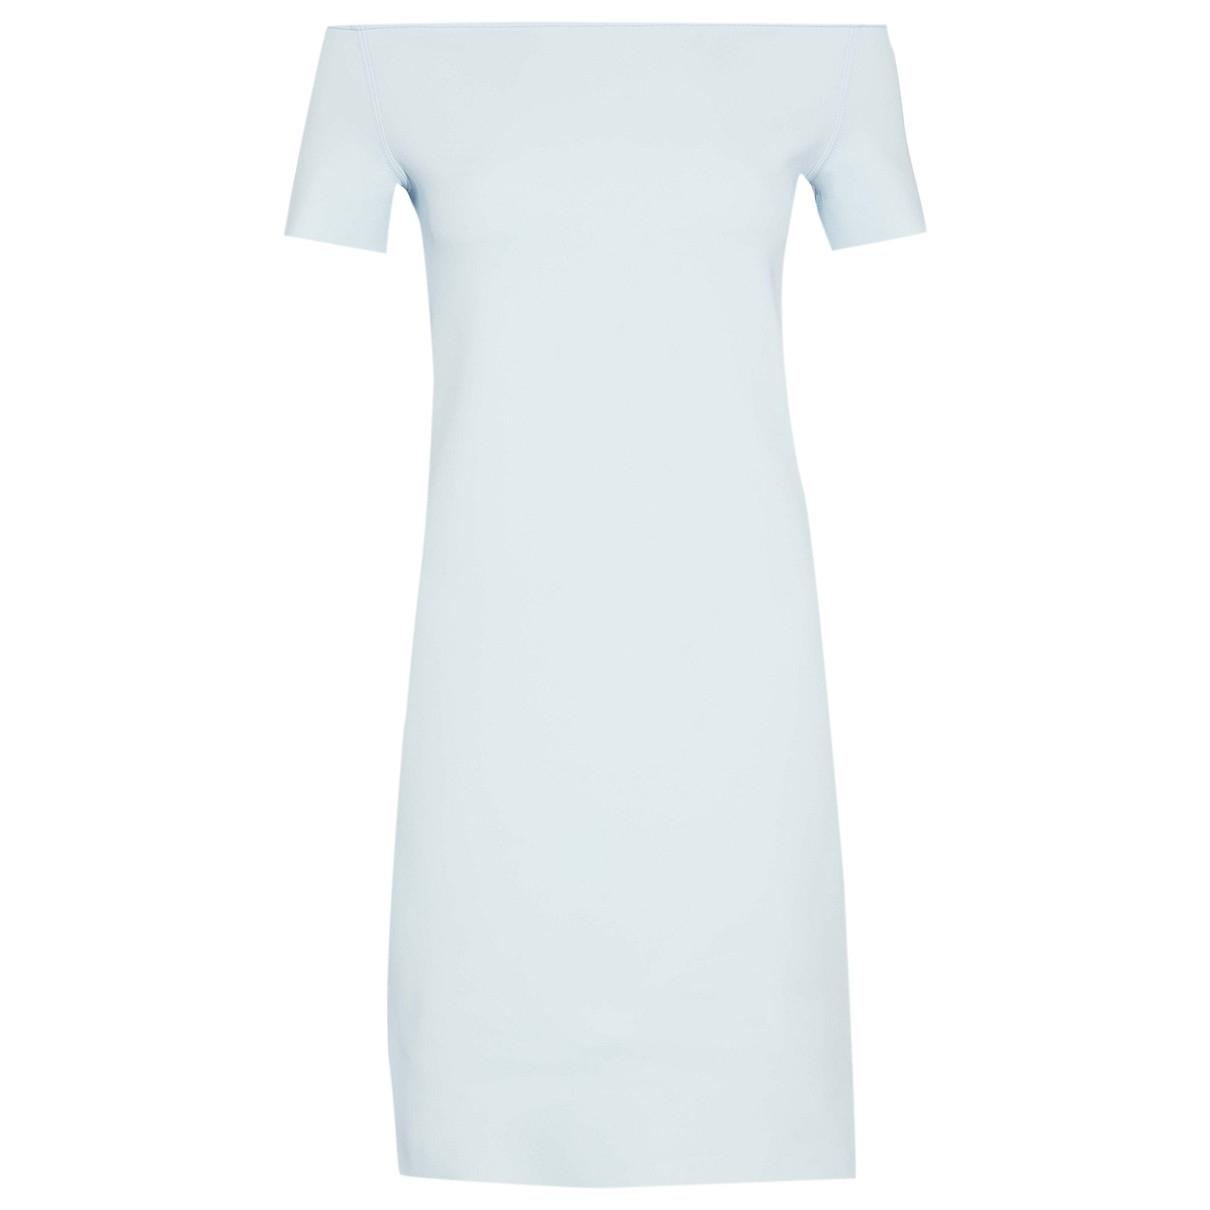 Helmut Lang \N Kleid in  Blau Synthetik